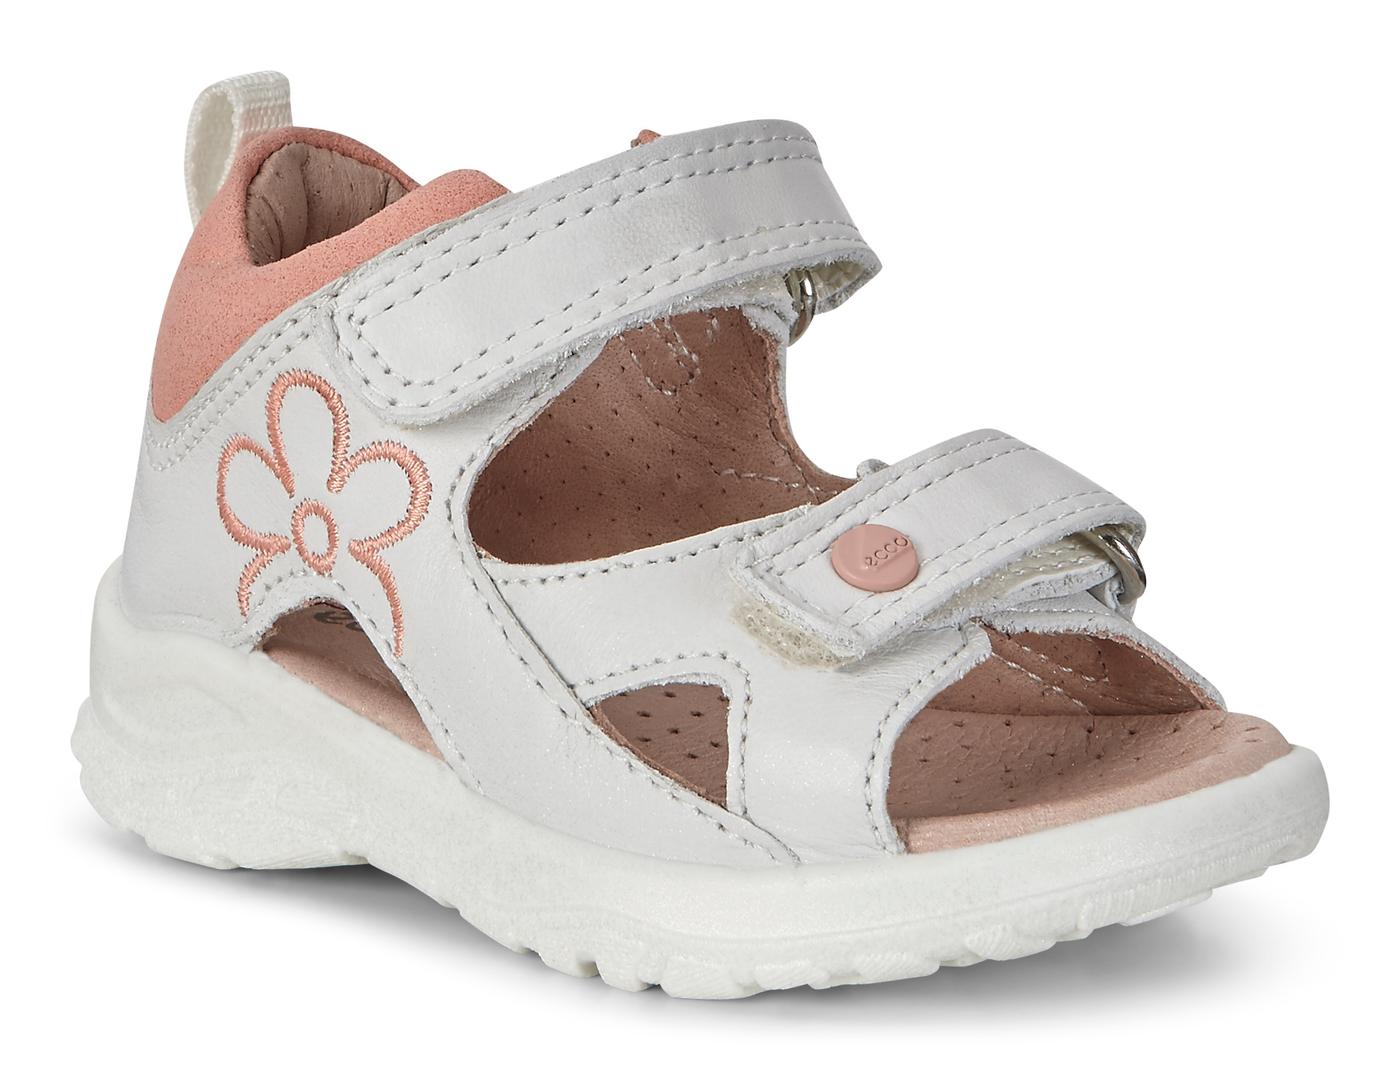 Sandale ECCO Peekaboo pour bébés